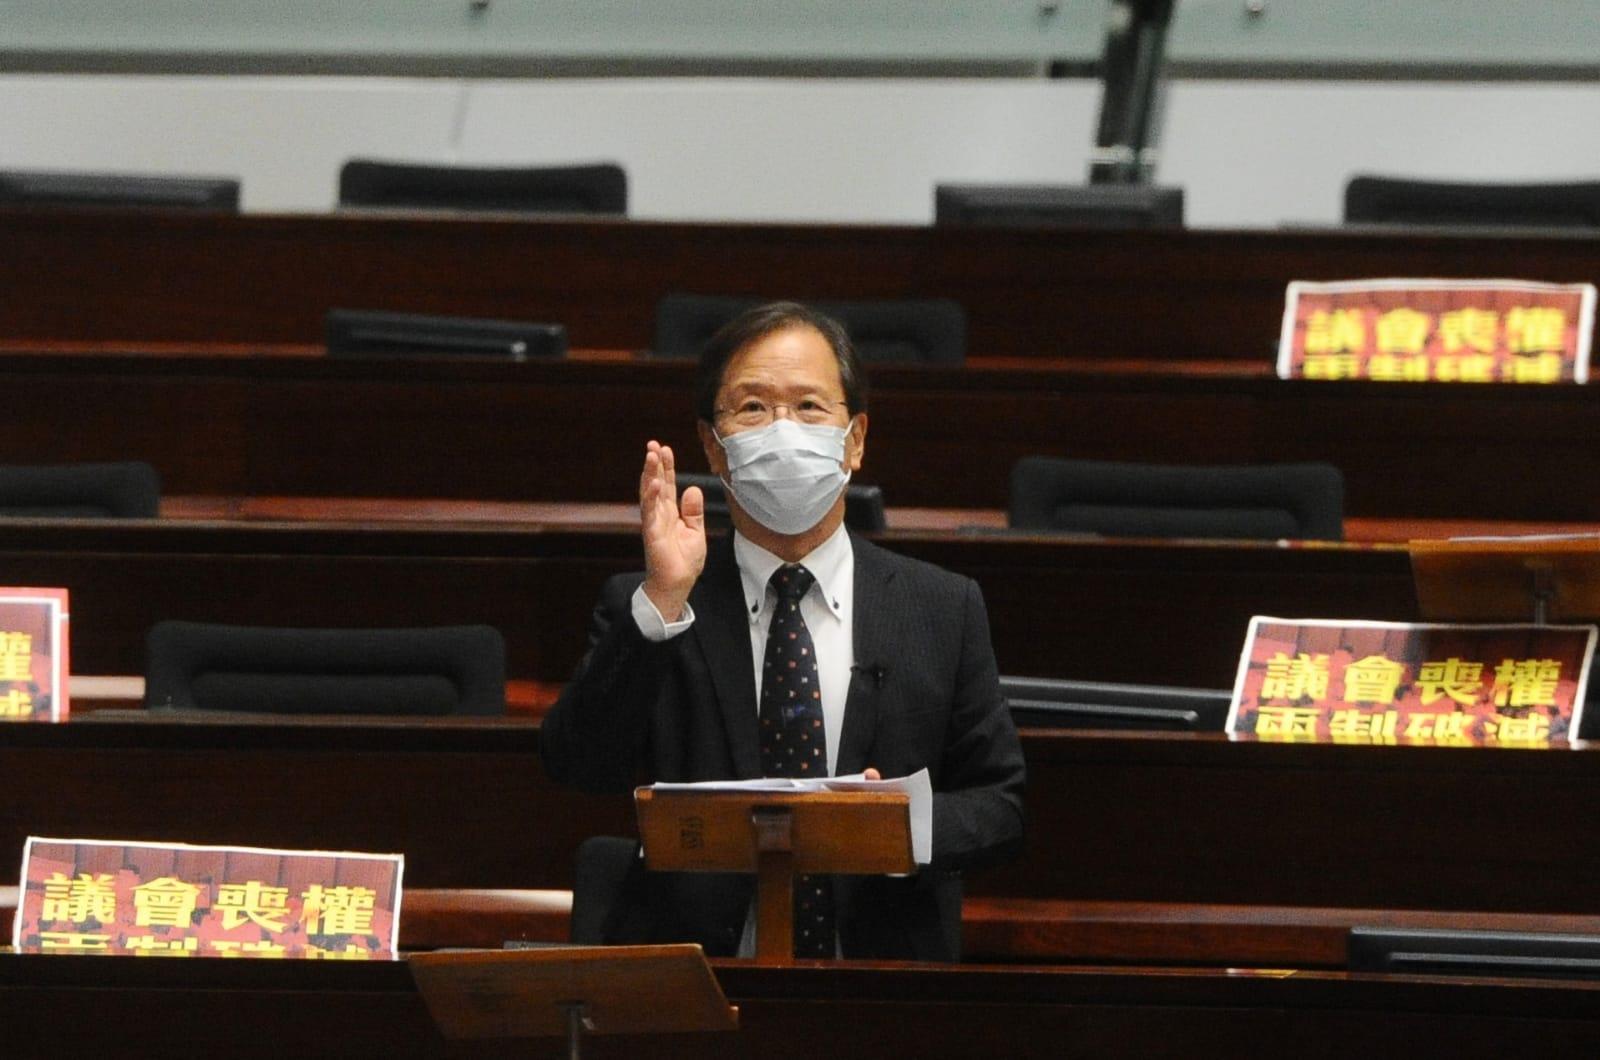 郭家麒議員表示支持民主派議員提出的全部修正案。(宋碧龍 / 大紀元)